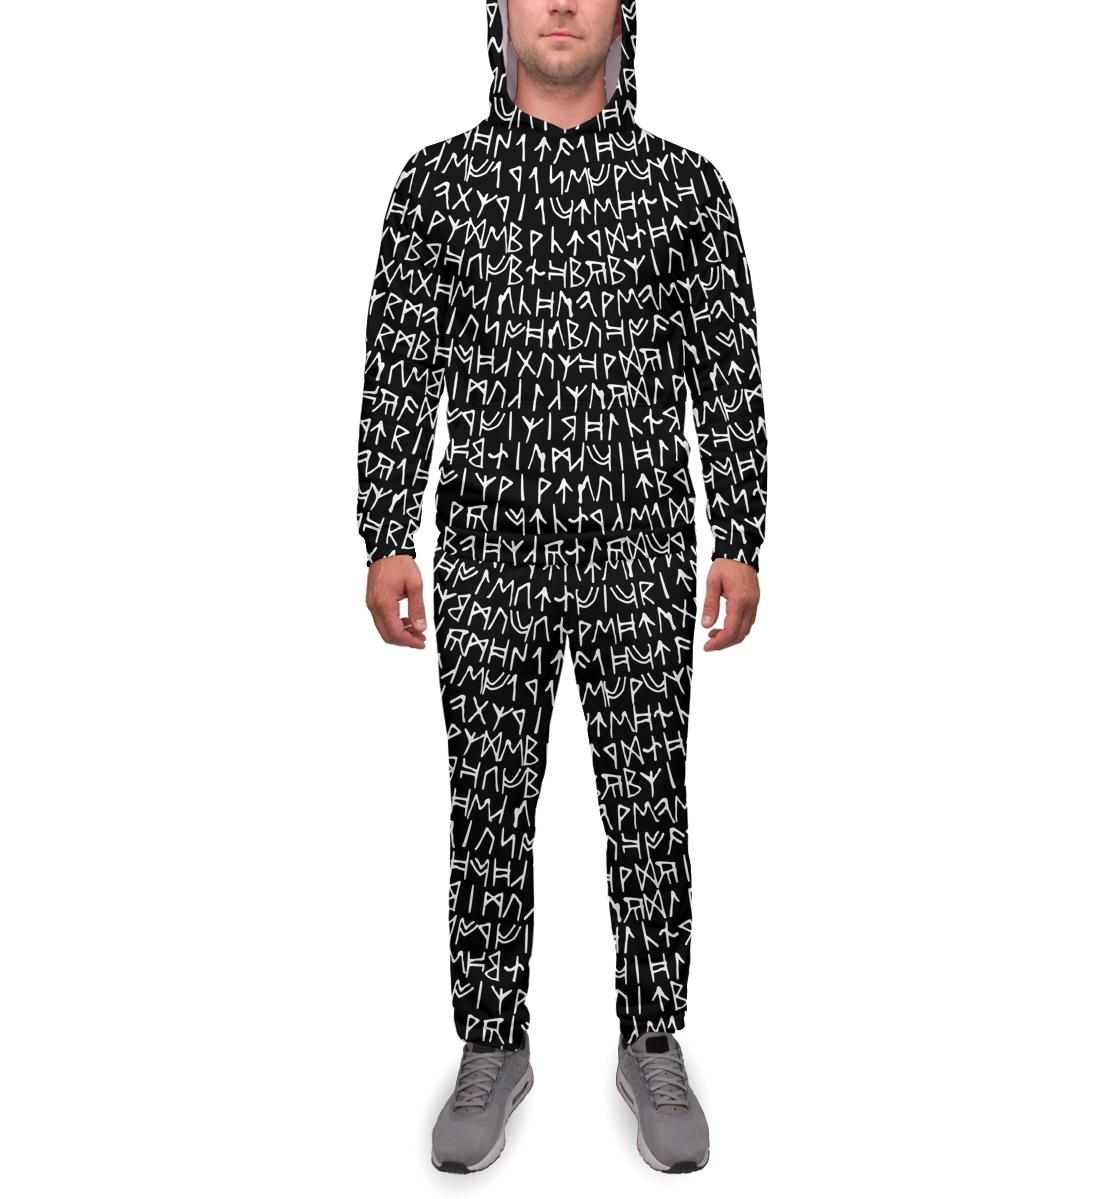 Спортивный костюм Руны (243990)